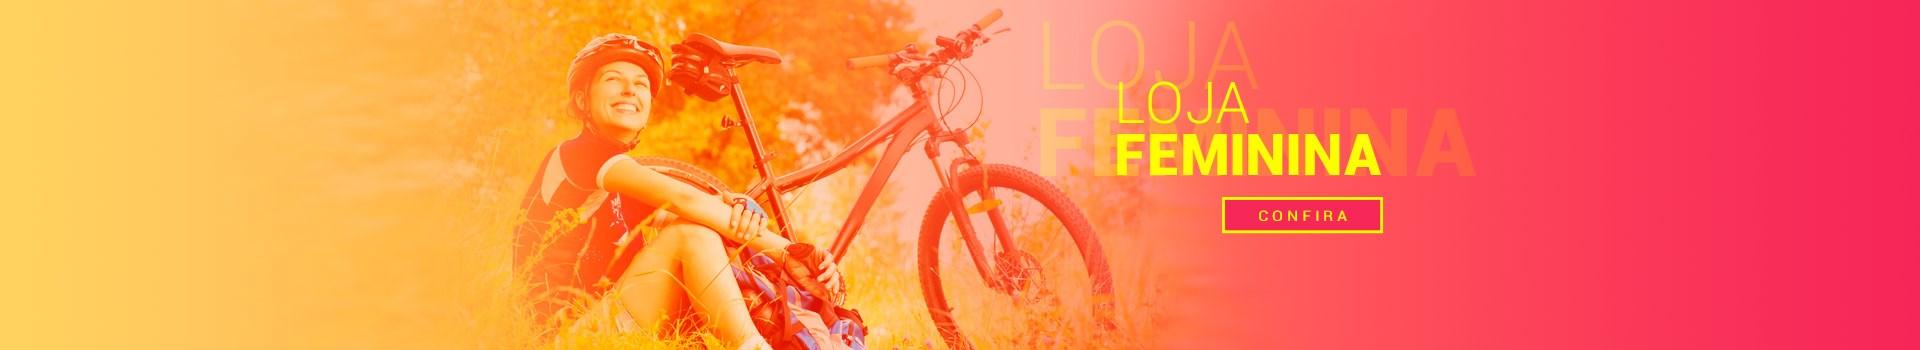 Banner Loja Feminina